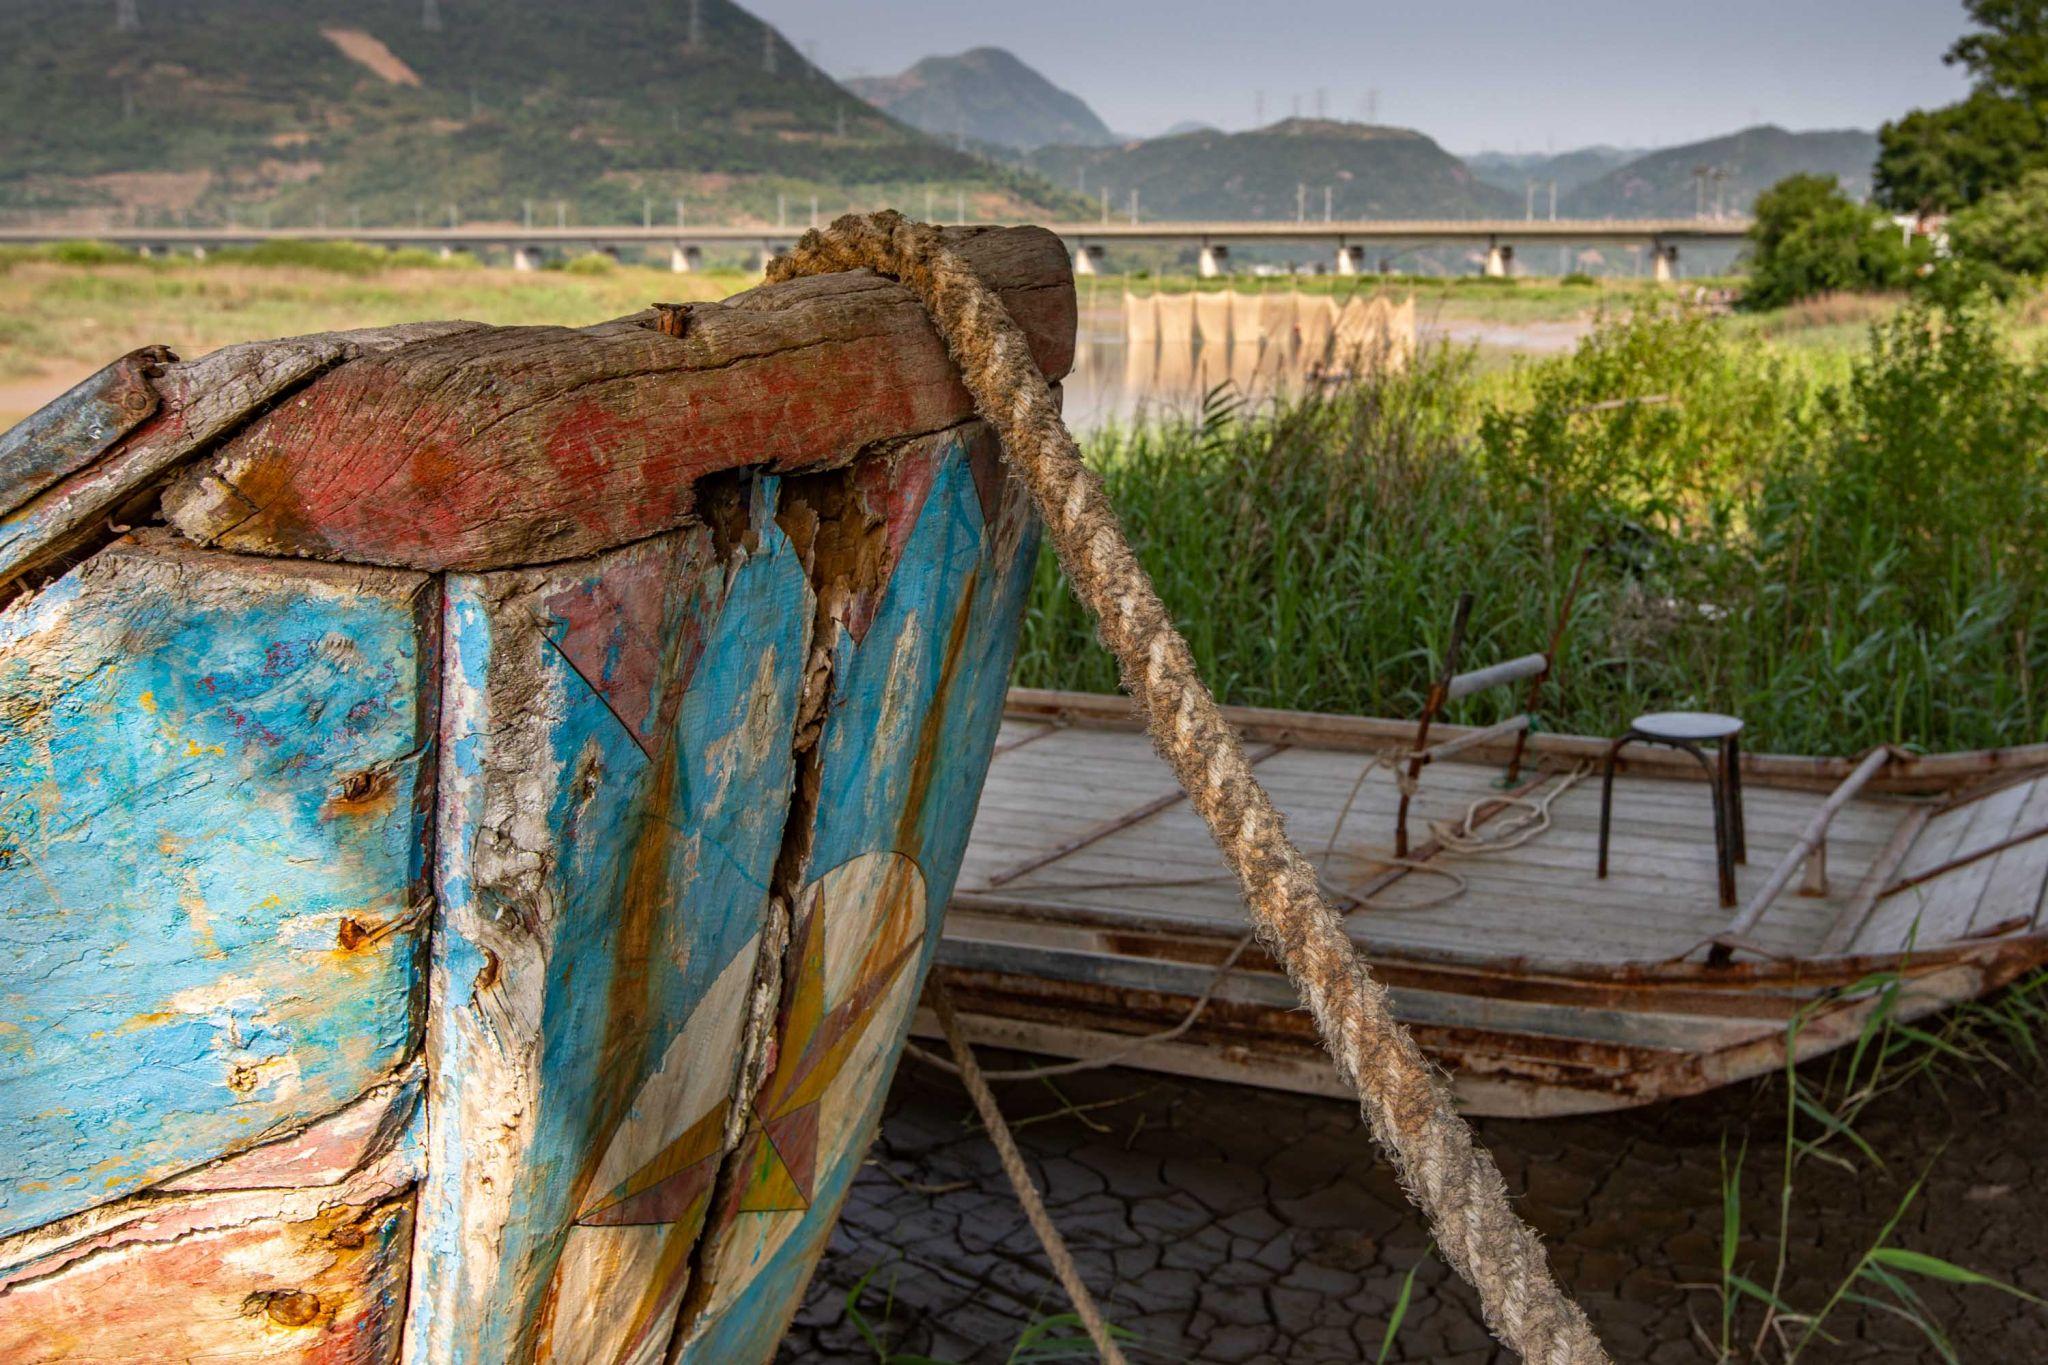 Piao Wang Fishing Boat and raft Xiapu, China